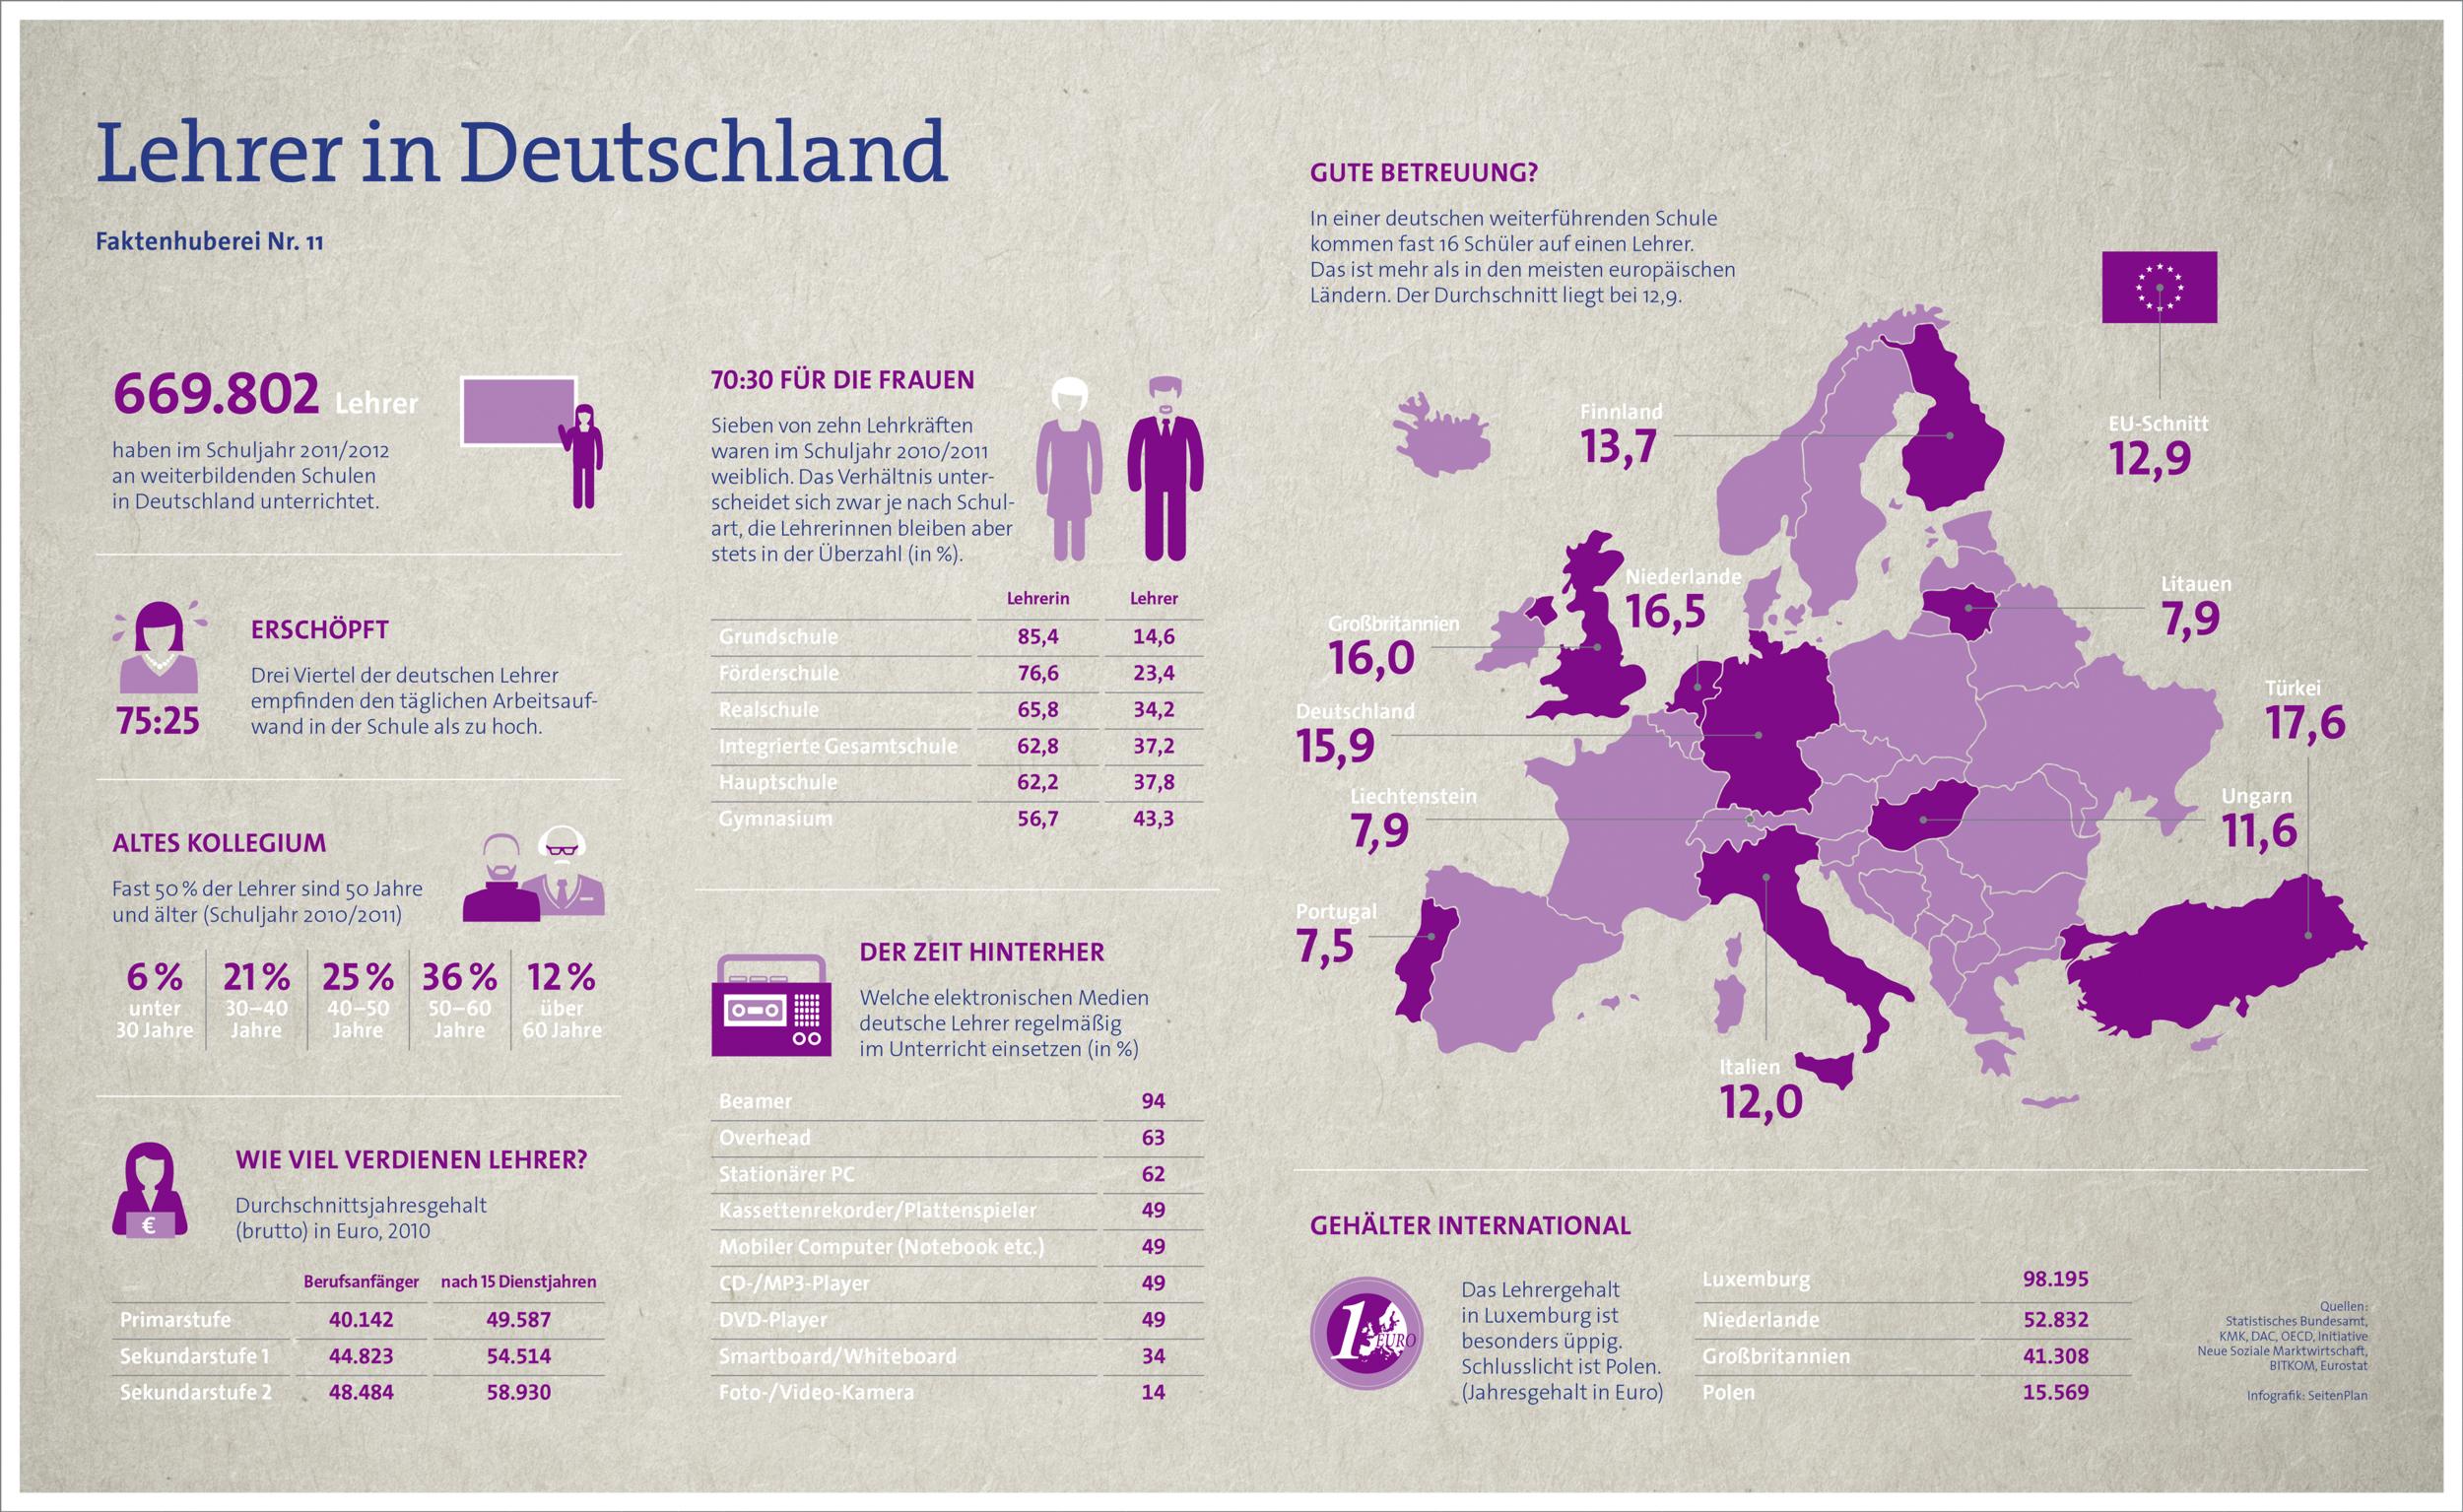 Infografik_-_Lehrer_in_Deutschland